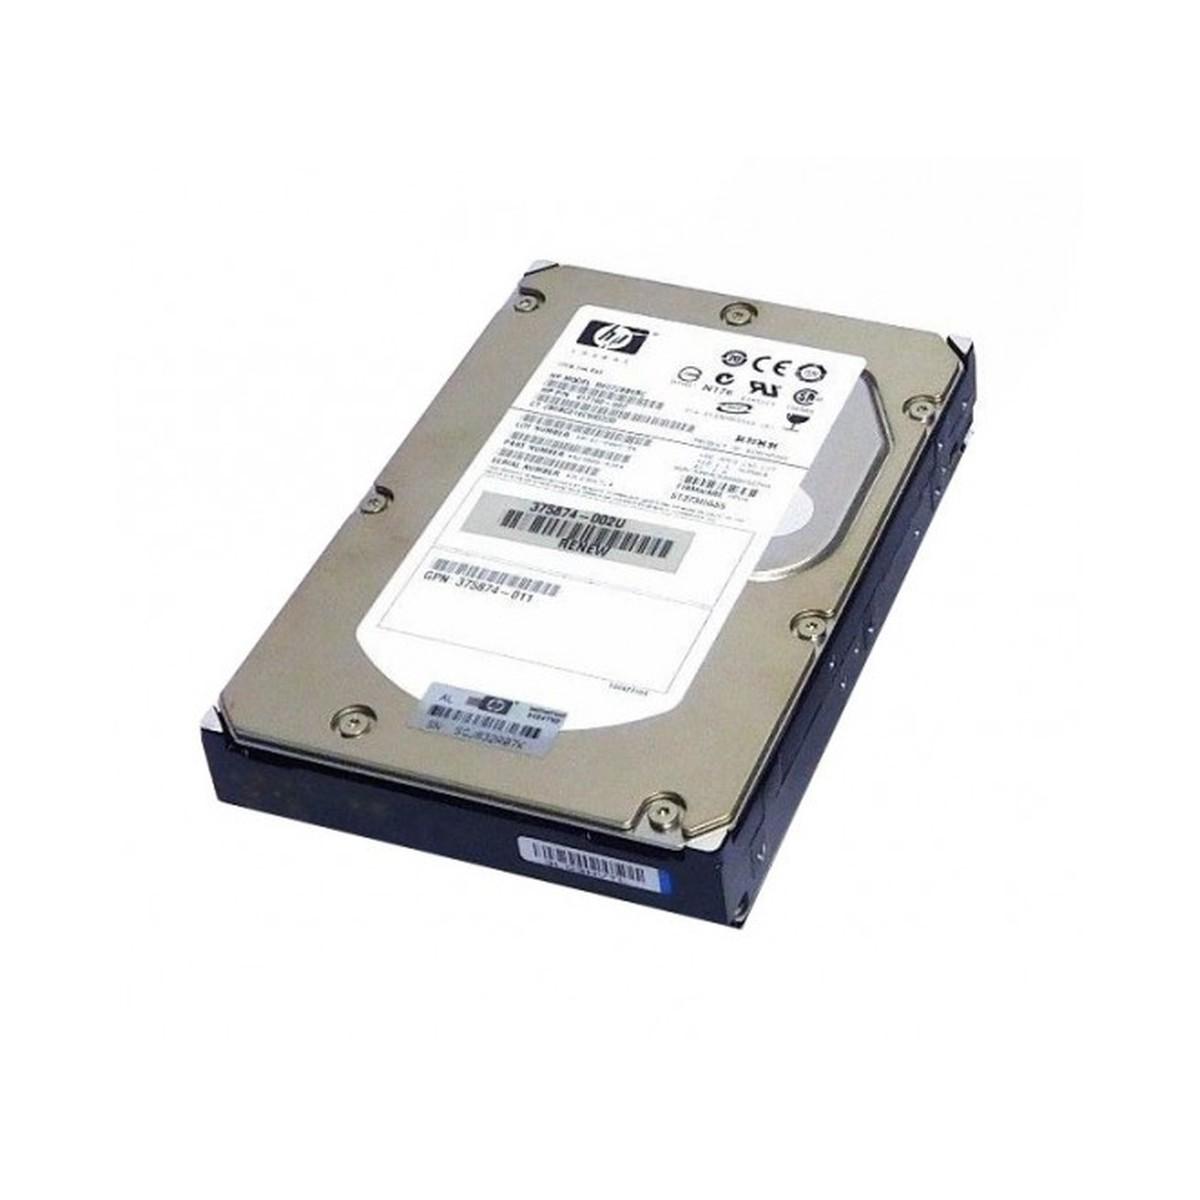 DYSK HP 300GB SAS 15K 3G 3,5'' 431943-004 GW FV